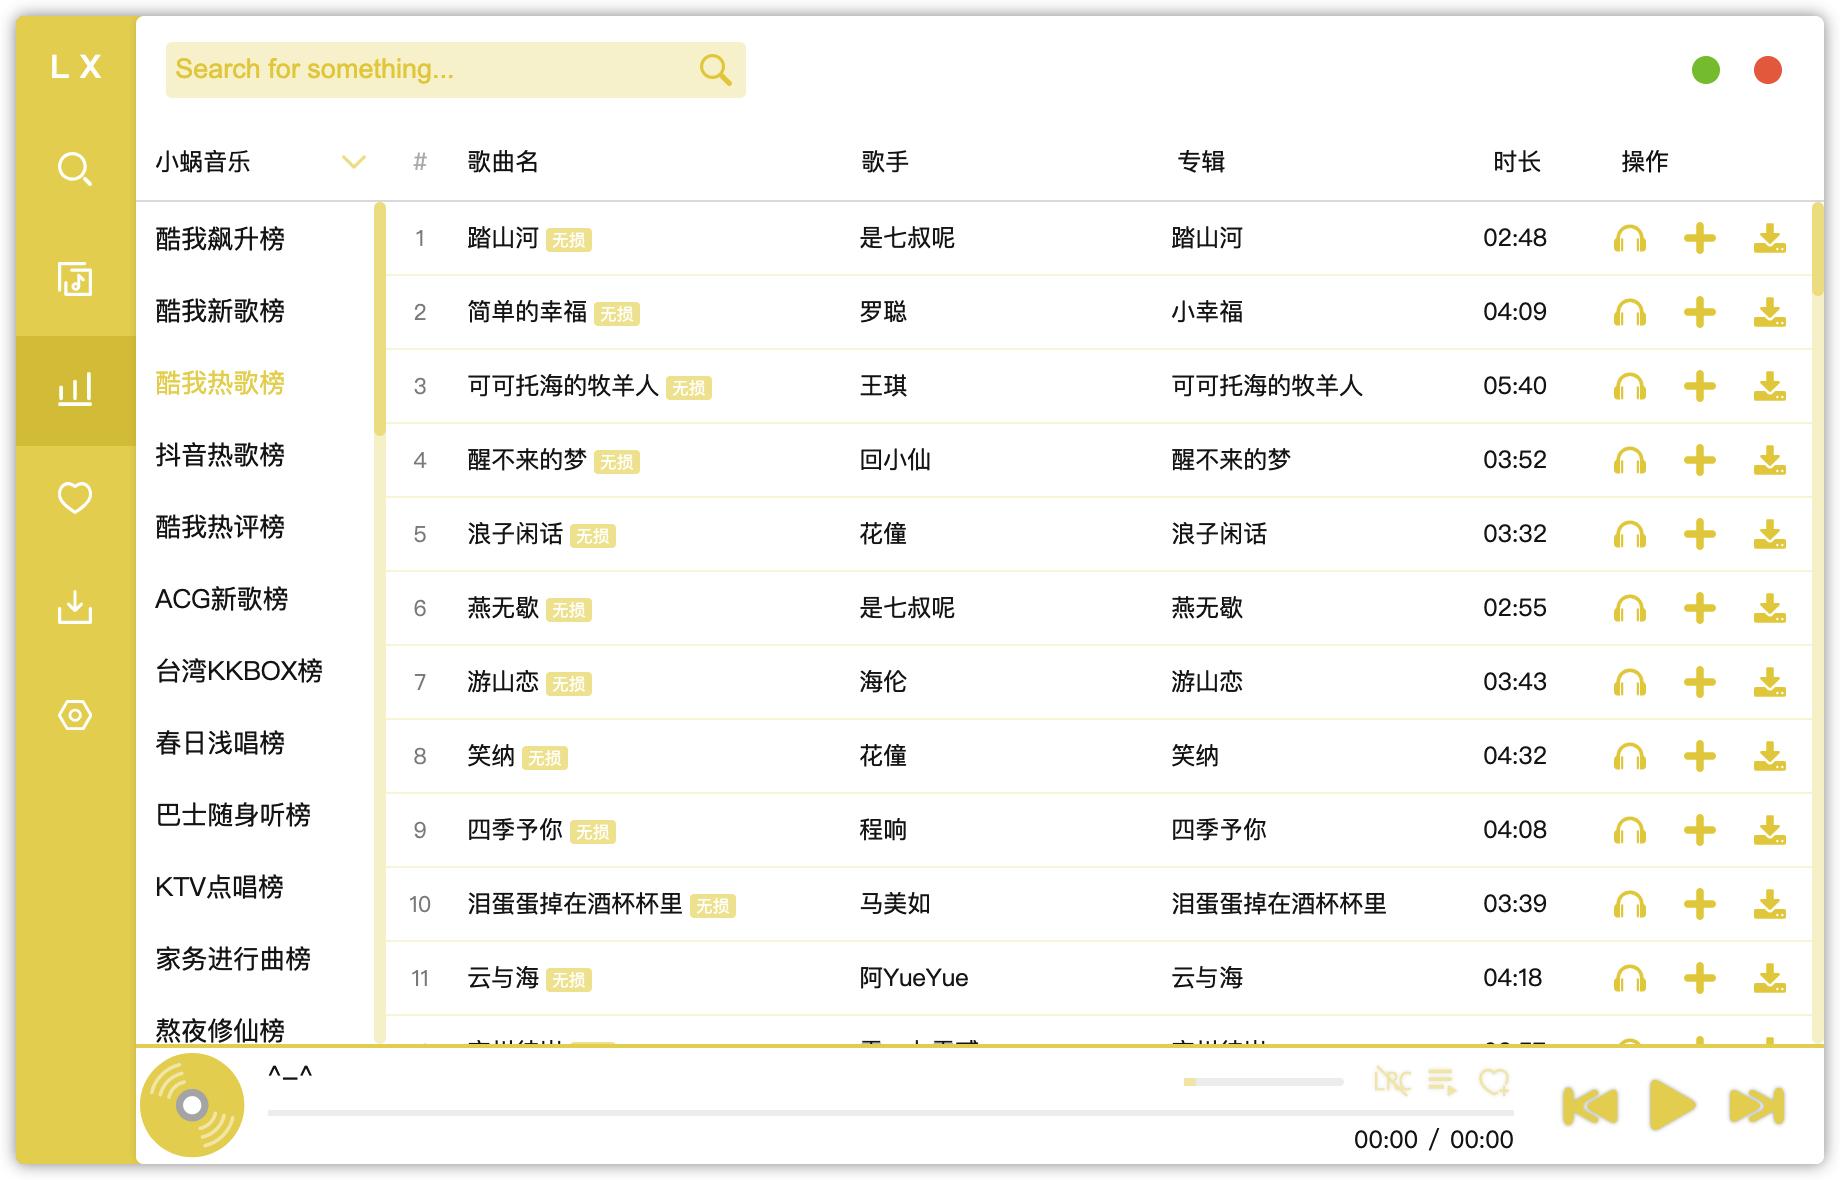 洛雪音乐助手 1.6.0 中文版 全网无损音乐下载工具-马克喵